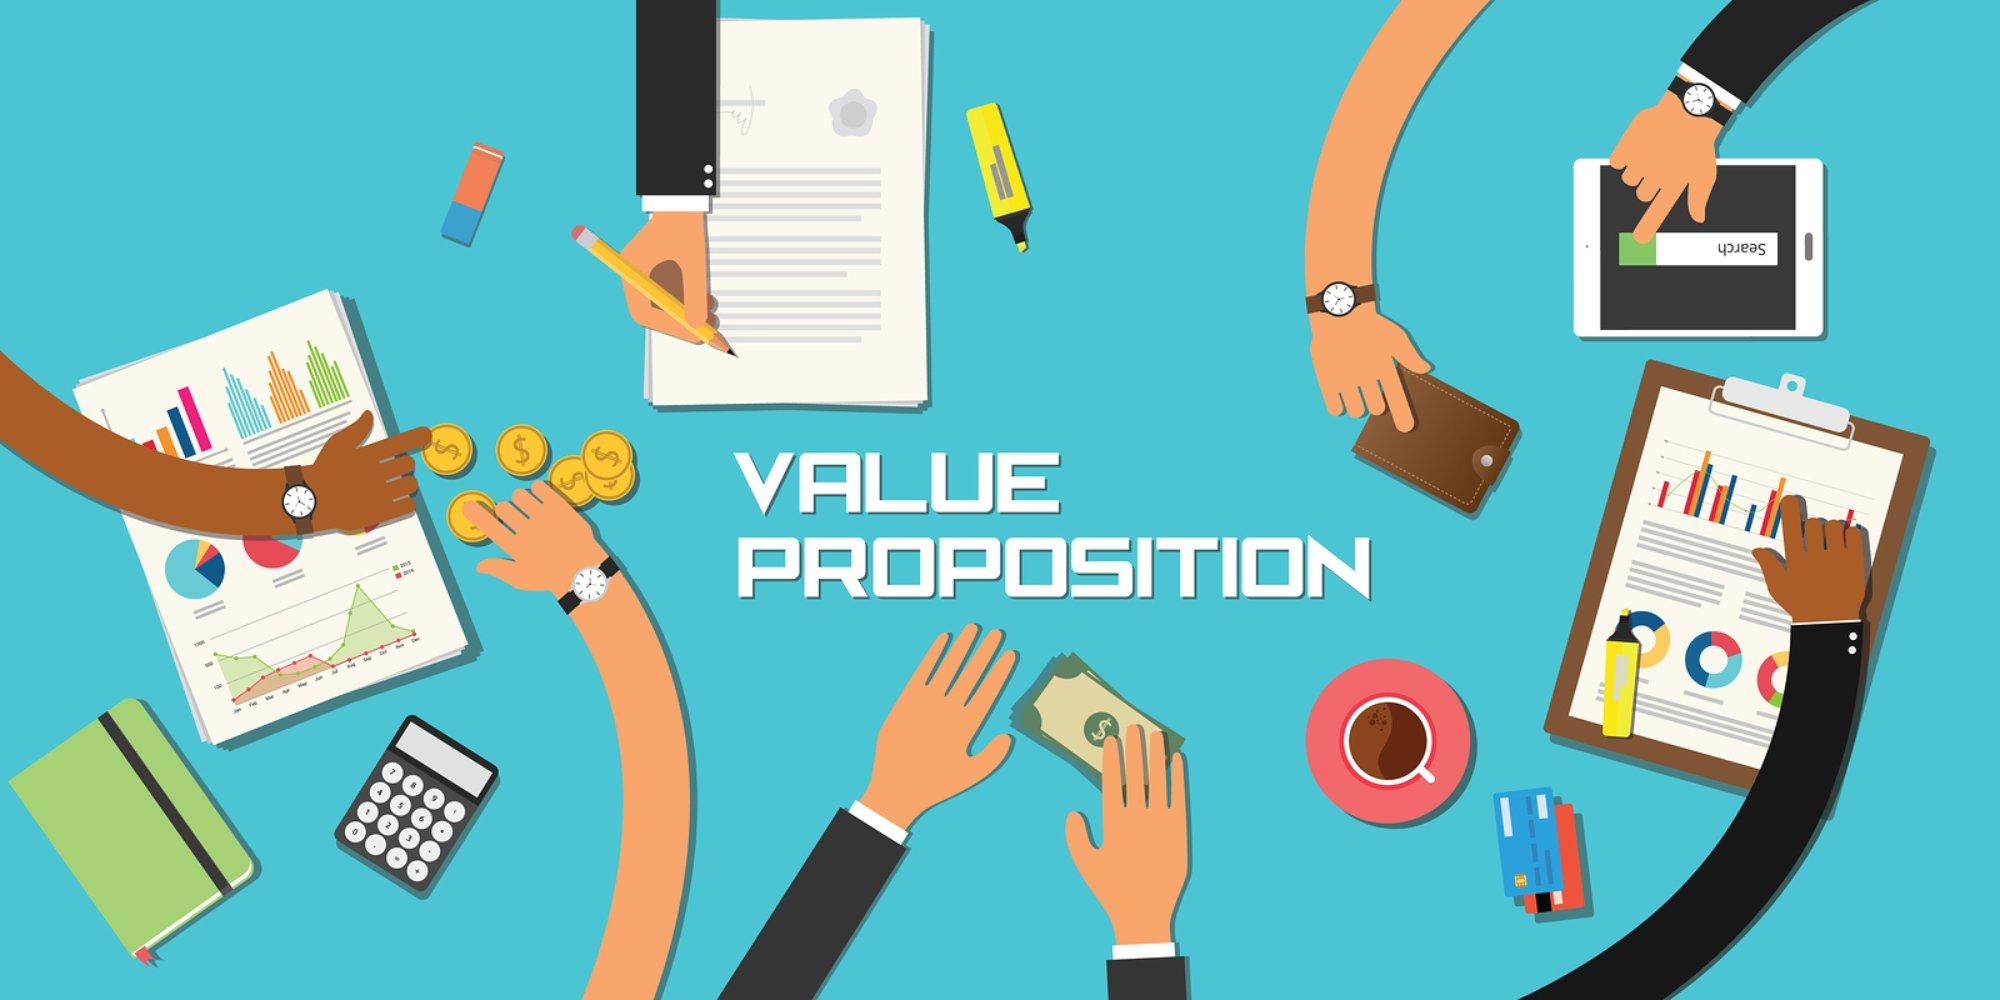 Como defino uma proposta de valor competitiva para o marketing digital do meu negócio?